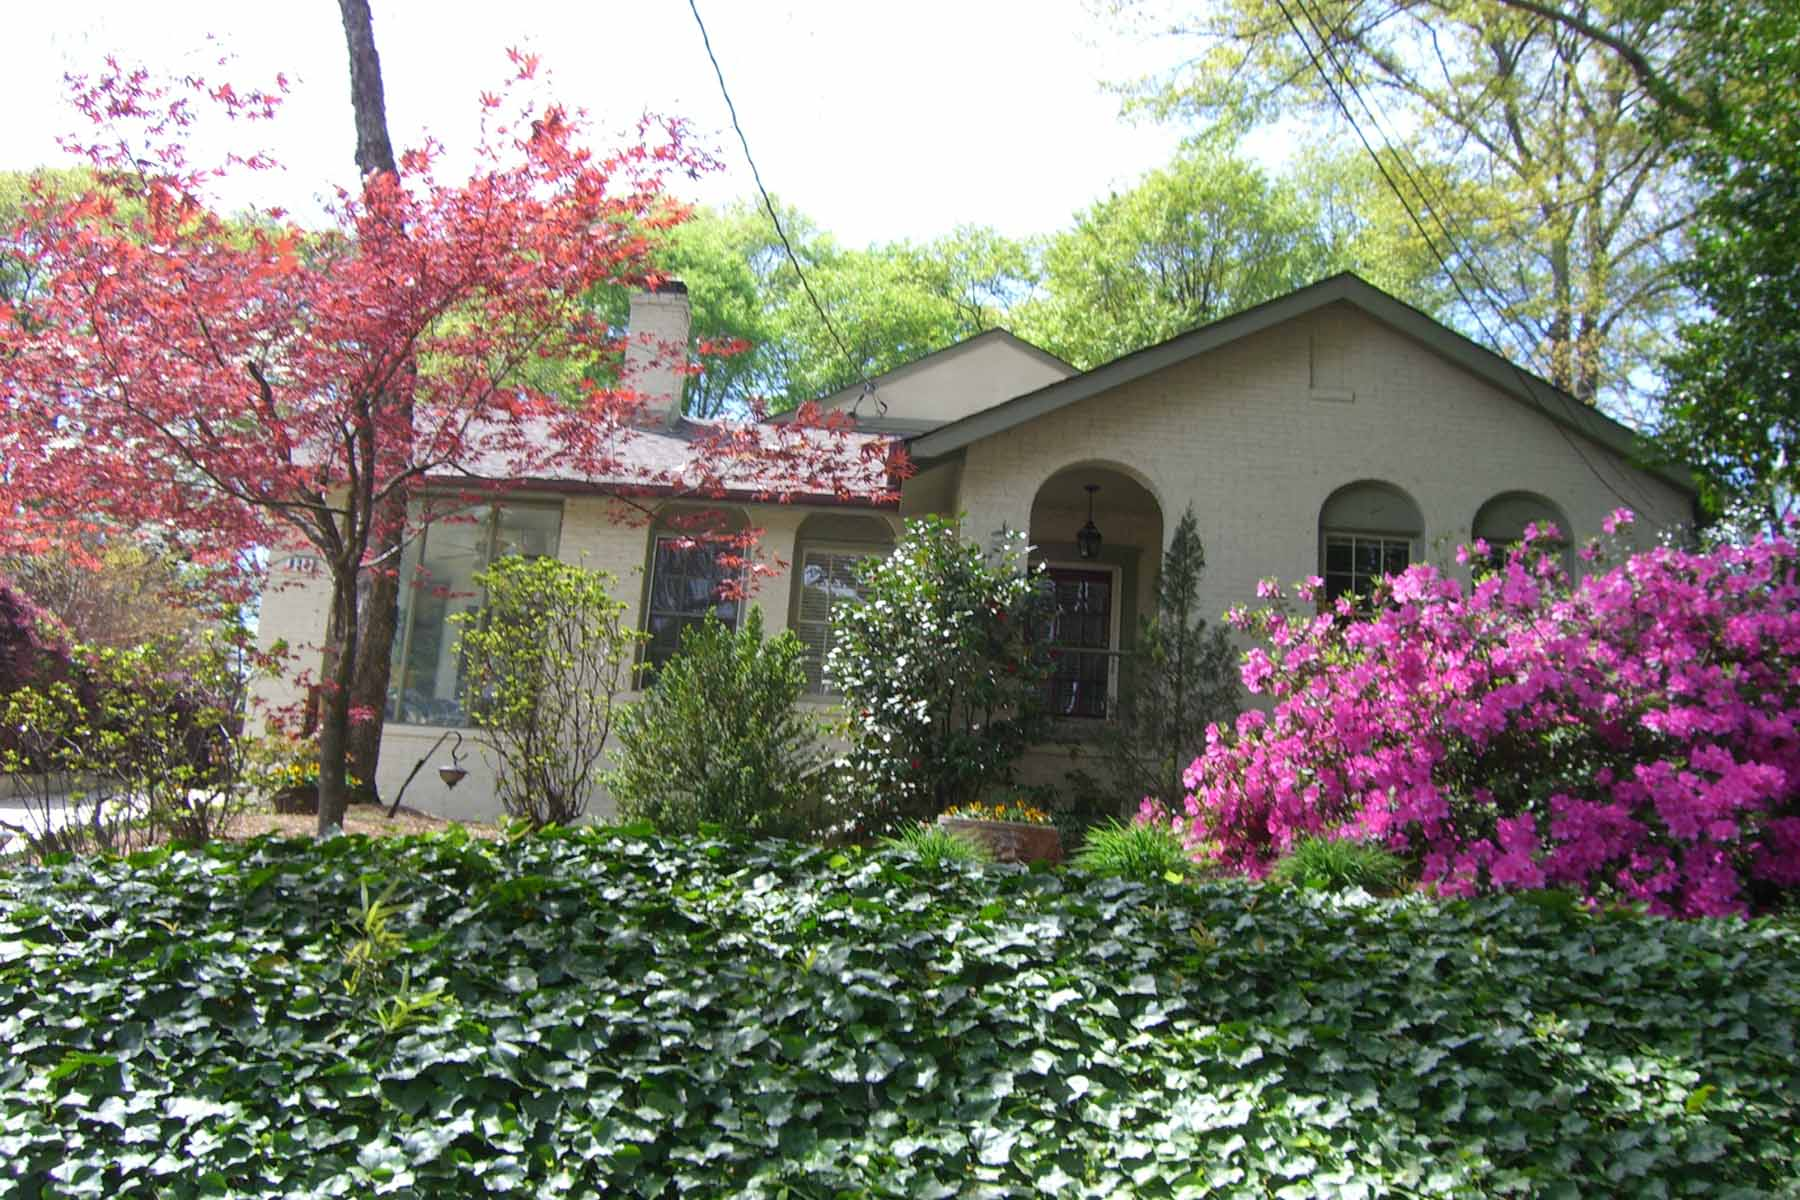 Частный односемейный дом для того Продажа на Charming Hilltop Cottage with Pool 830 Mentelle Drive Midtown, Atlanta, Джорджия, 30308 Соединенные Штаты